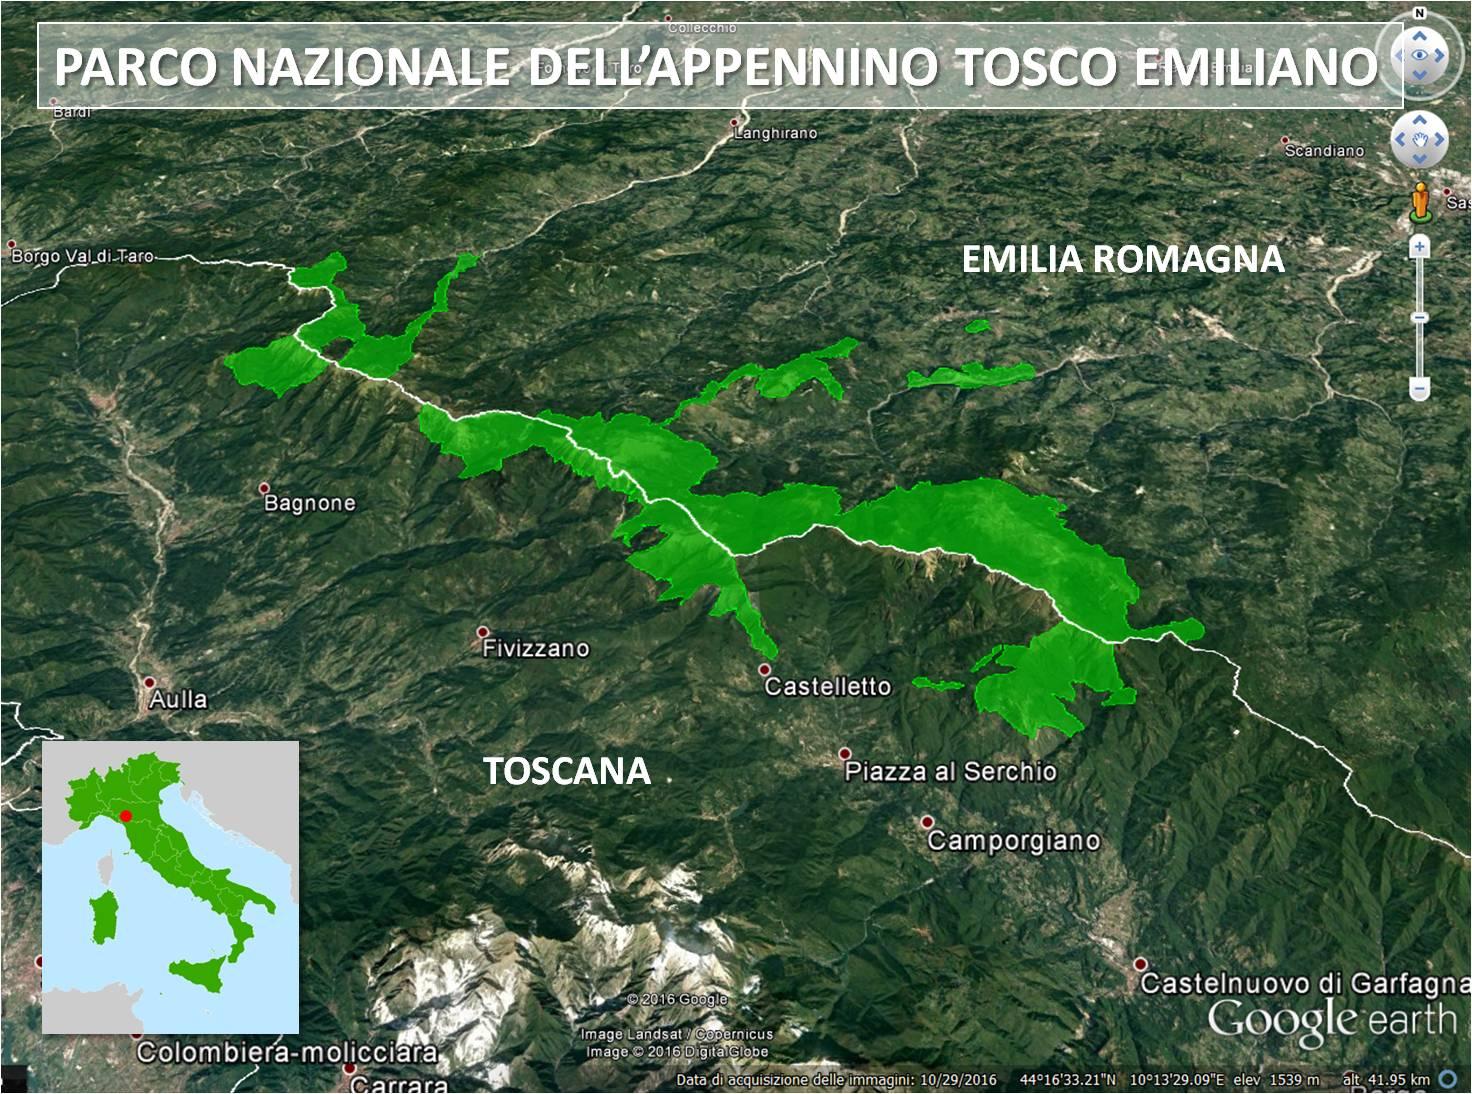 Parco nazionale dell 39 appennino tosco emiliano italiano - Hotel tosco emiliano bagno di romagna ...